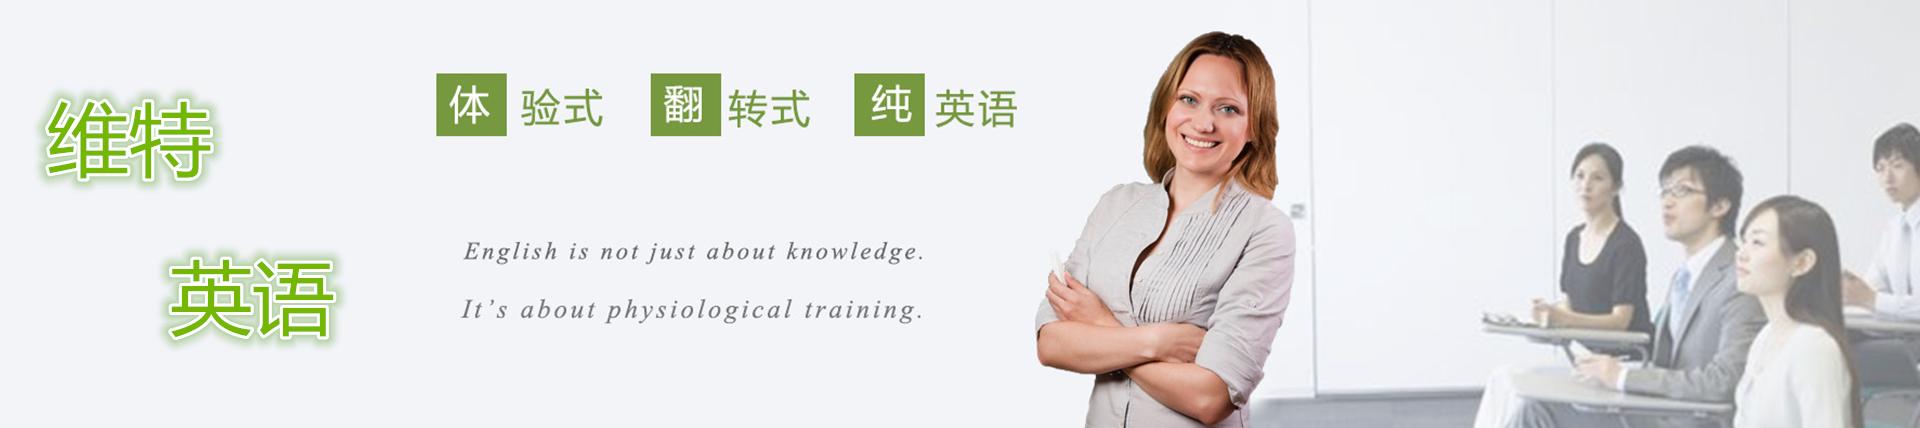 惠州维特国际英语培训机构